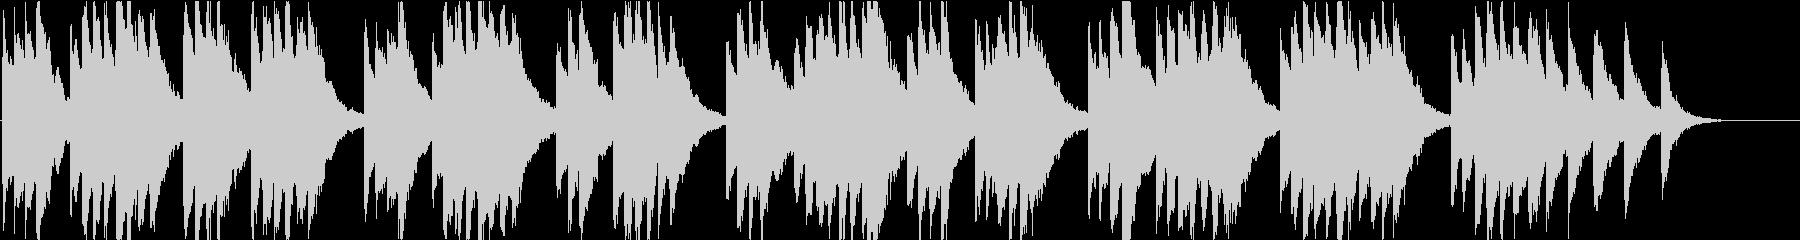 時報・チャイム風の名曲のメロディ・10の未再生の波形